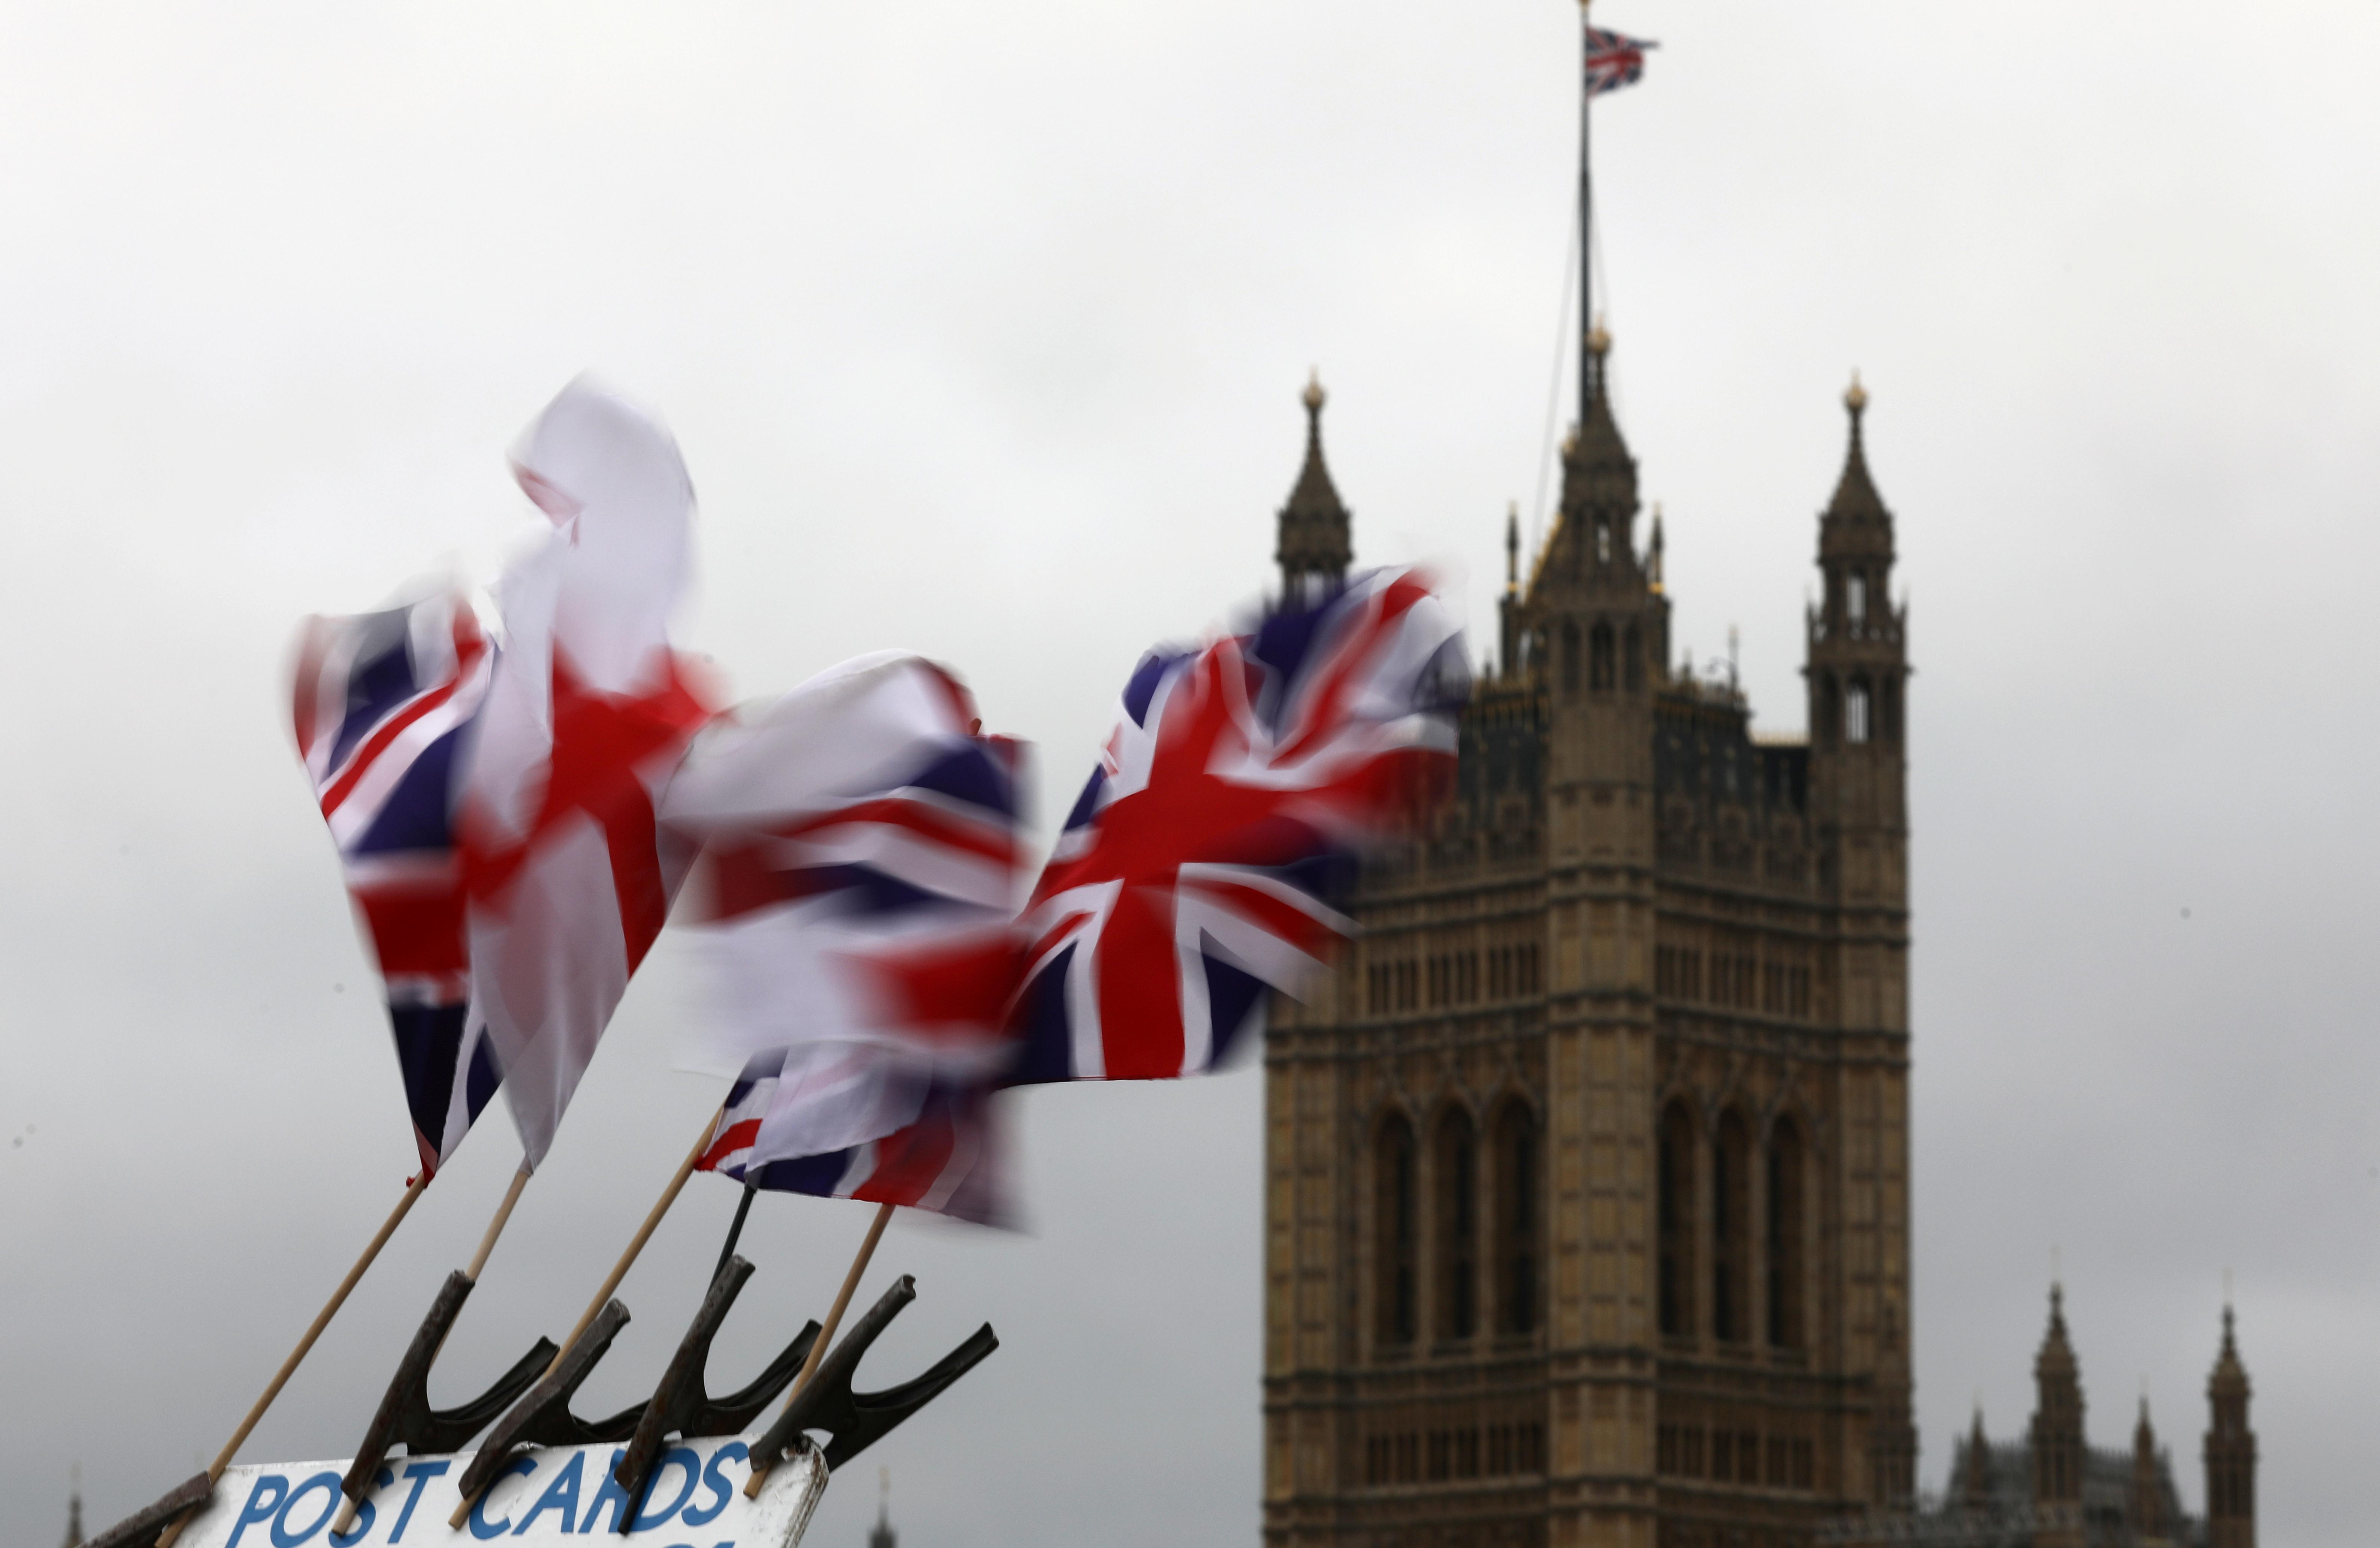 Βρετανία: Βαρύ το πλήγμα του Brexit στις εξαγωγικές επιχειρήσεις – Ζητούν την βοήθεια της κυβέρνησης